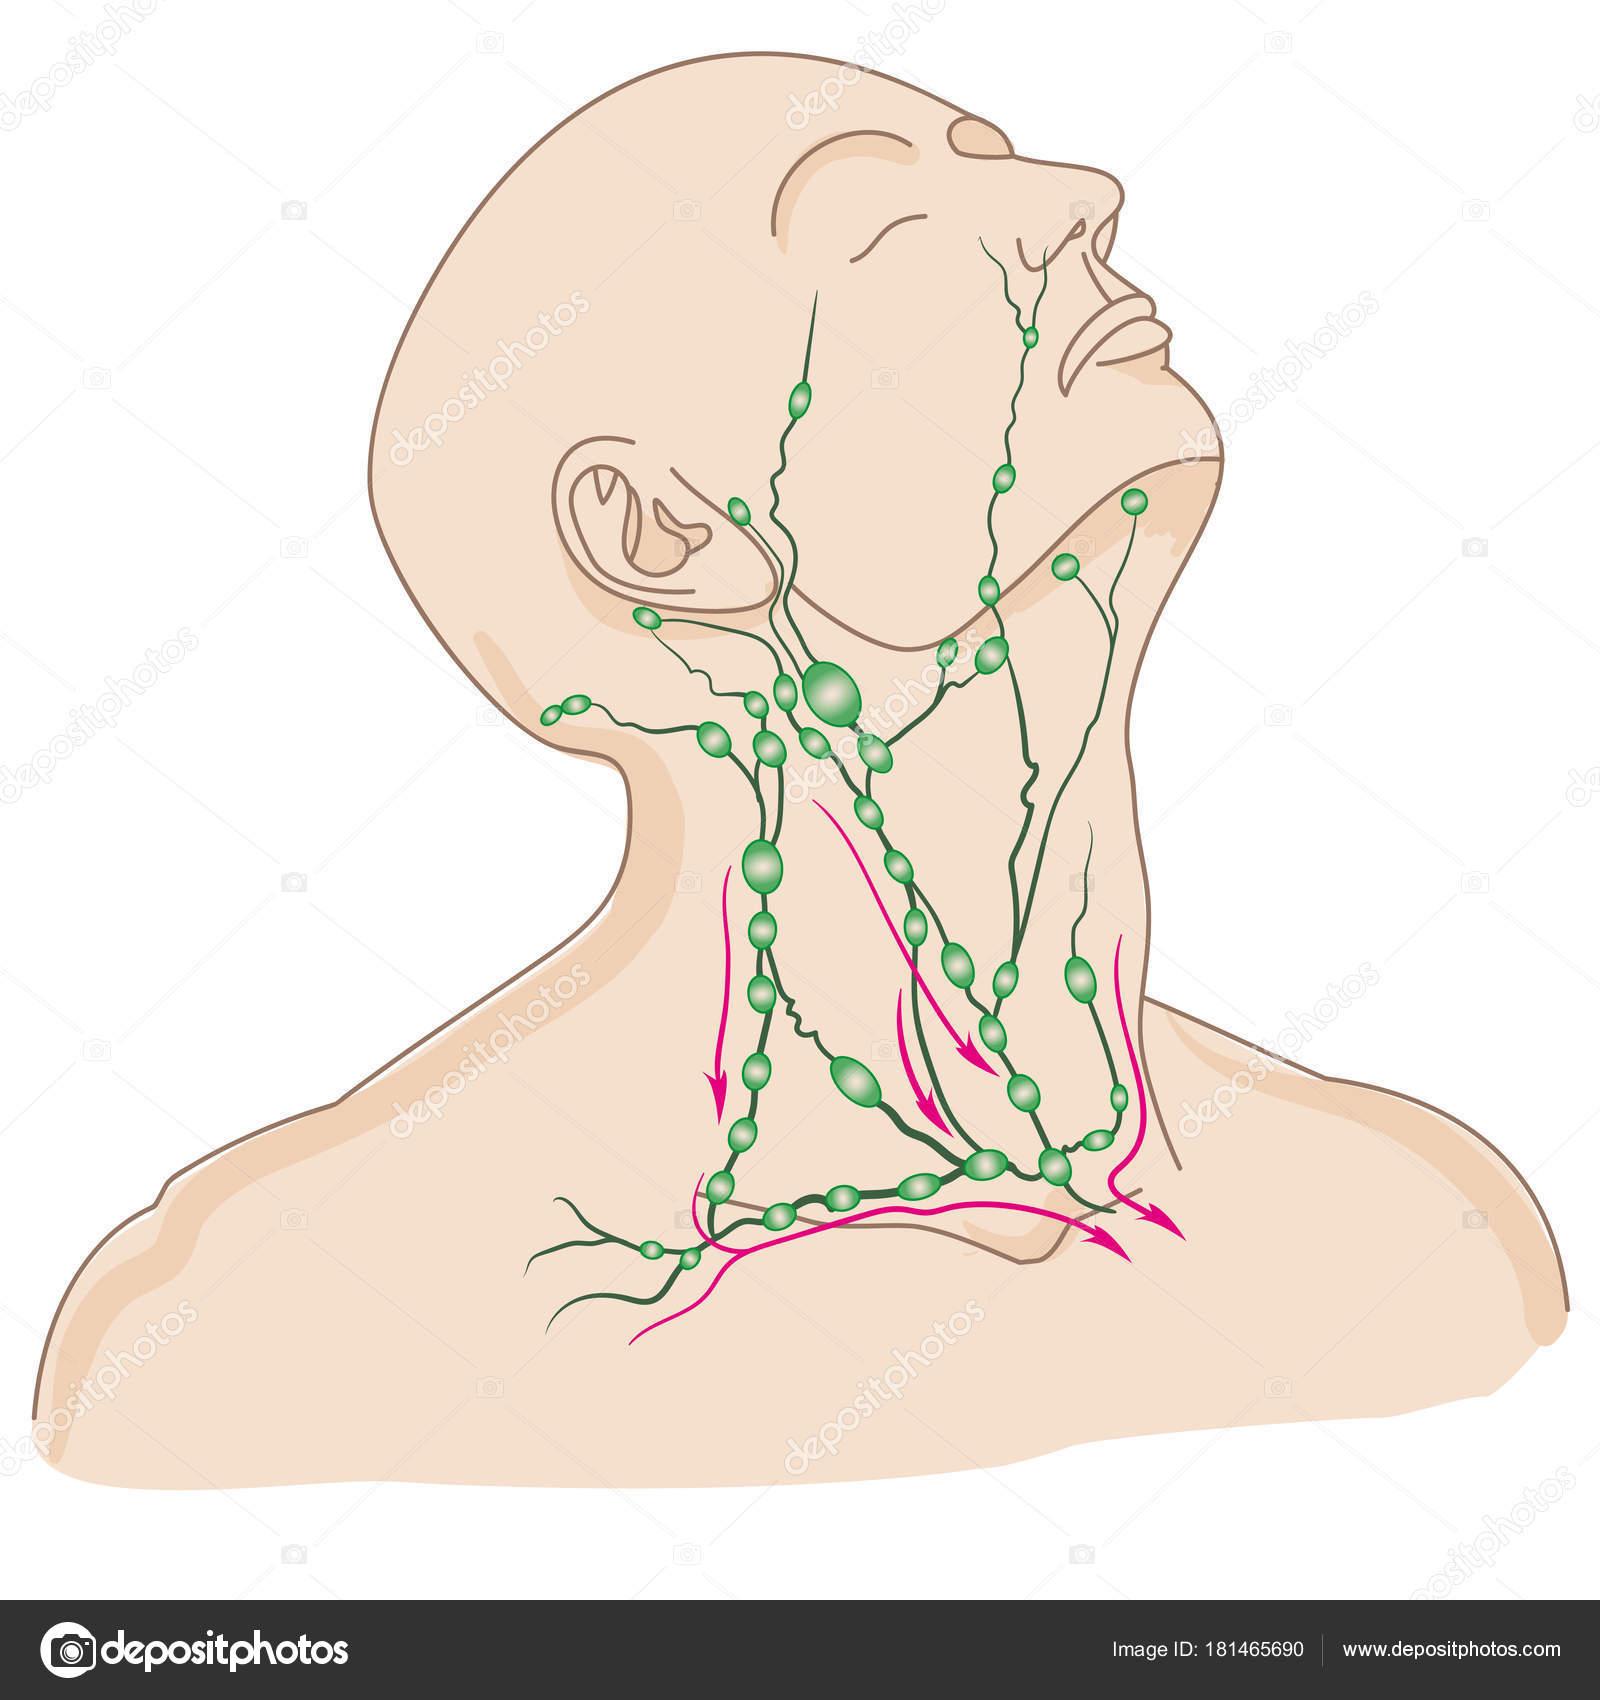 Großzügig Hals Anatomie Bilder Lymphknoten Bilder - Anatomie Und ...